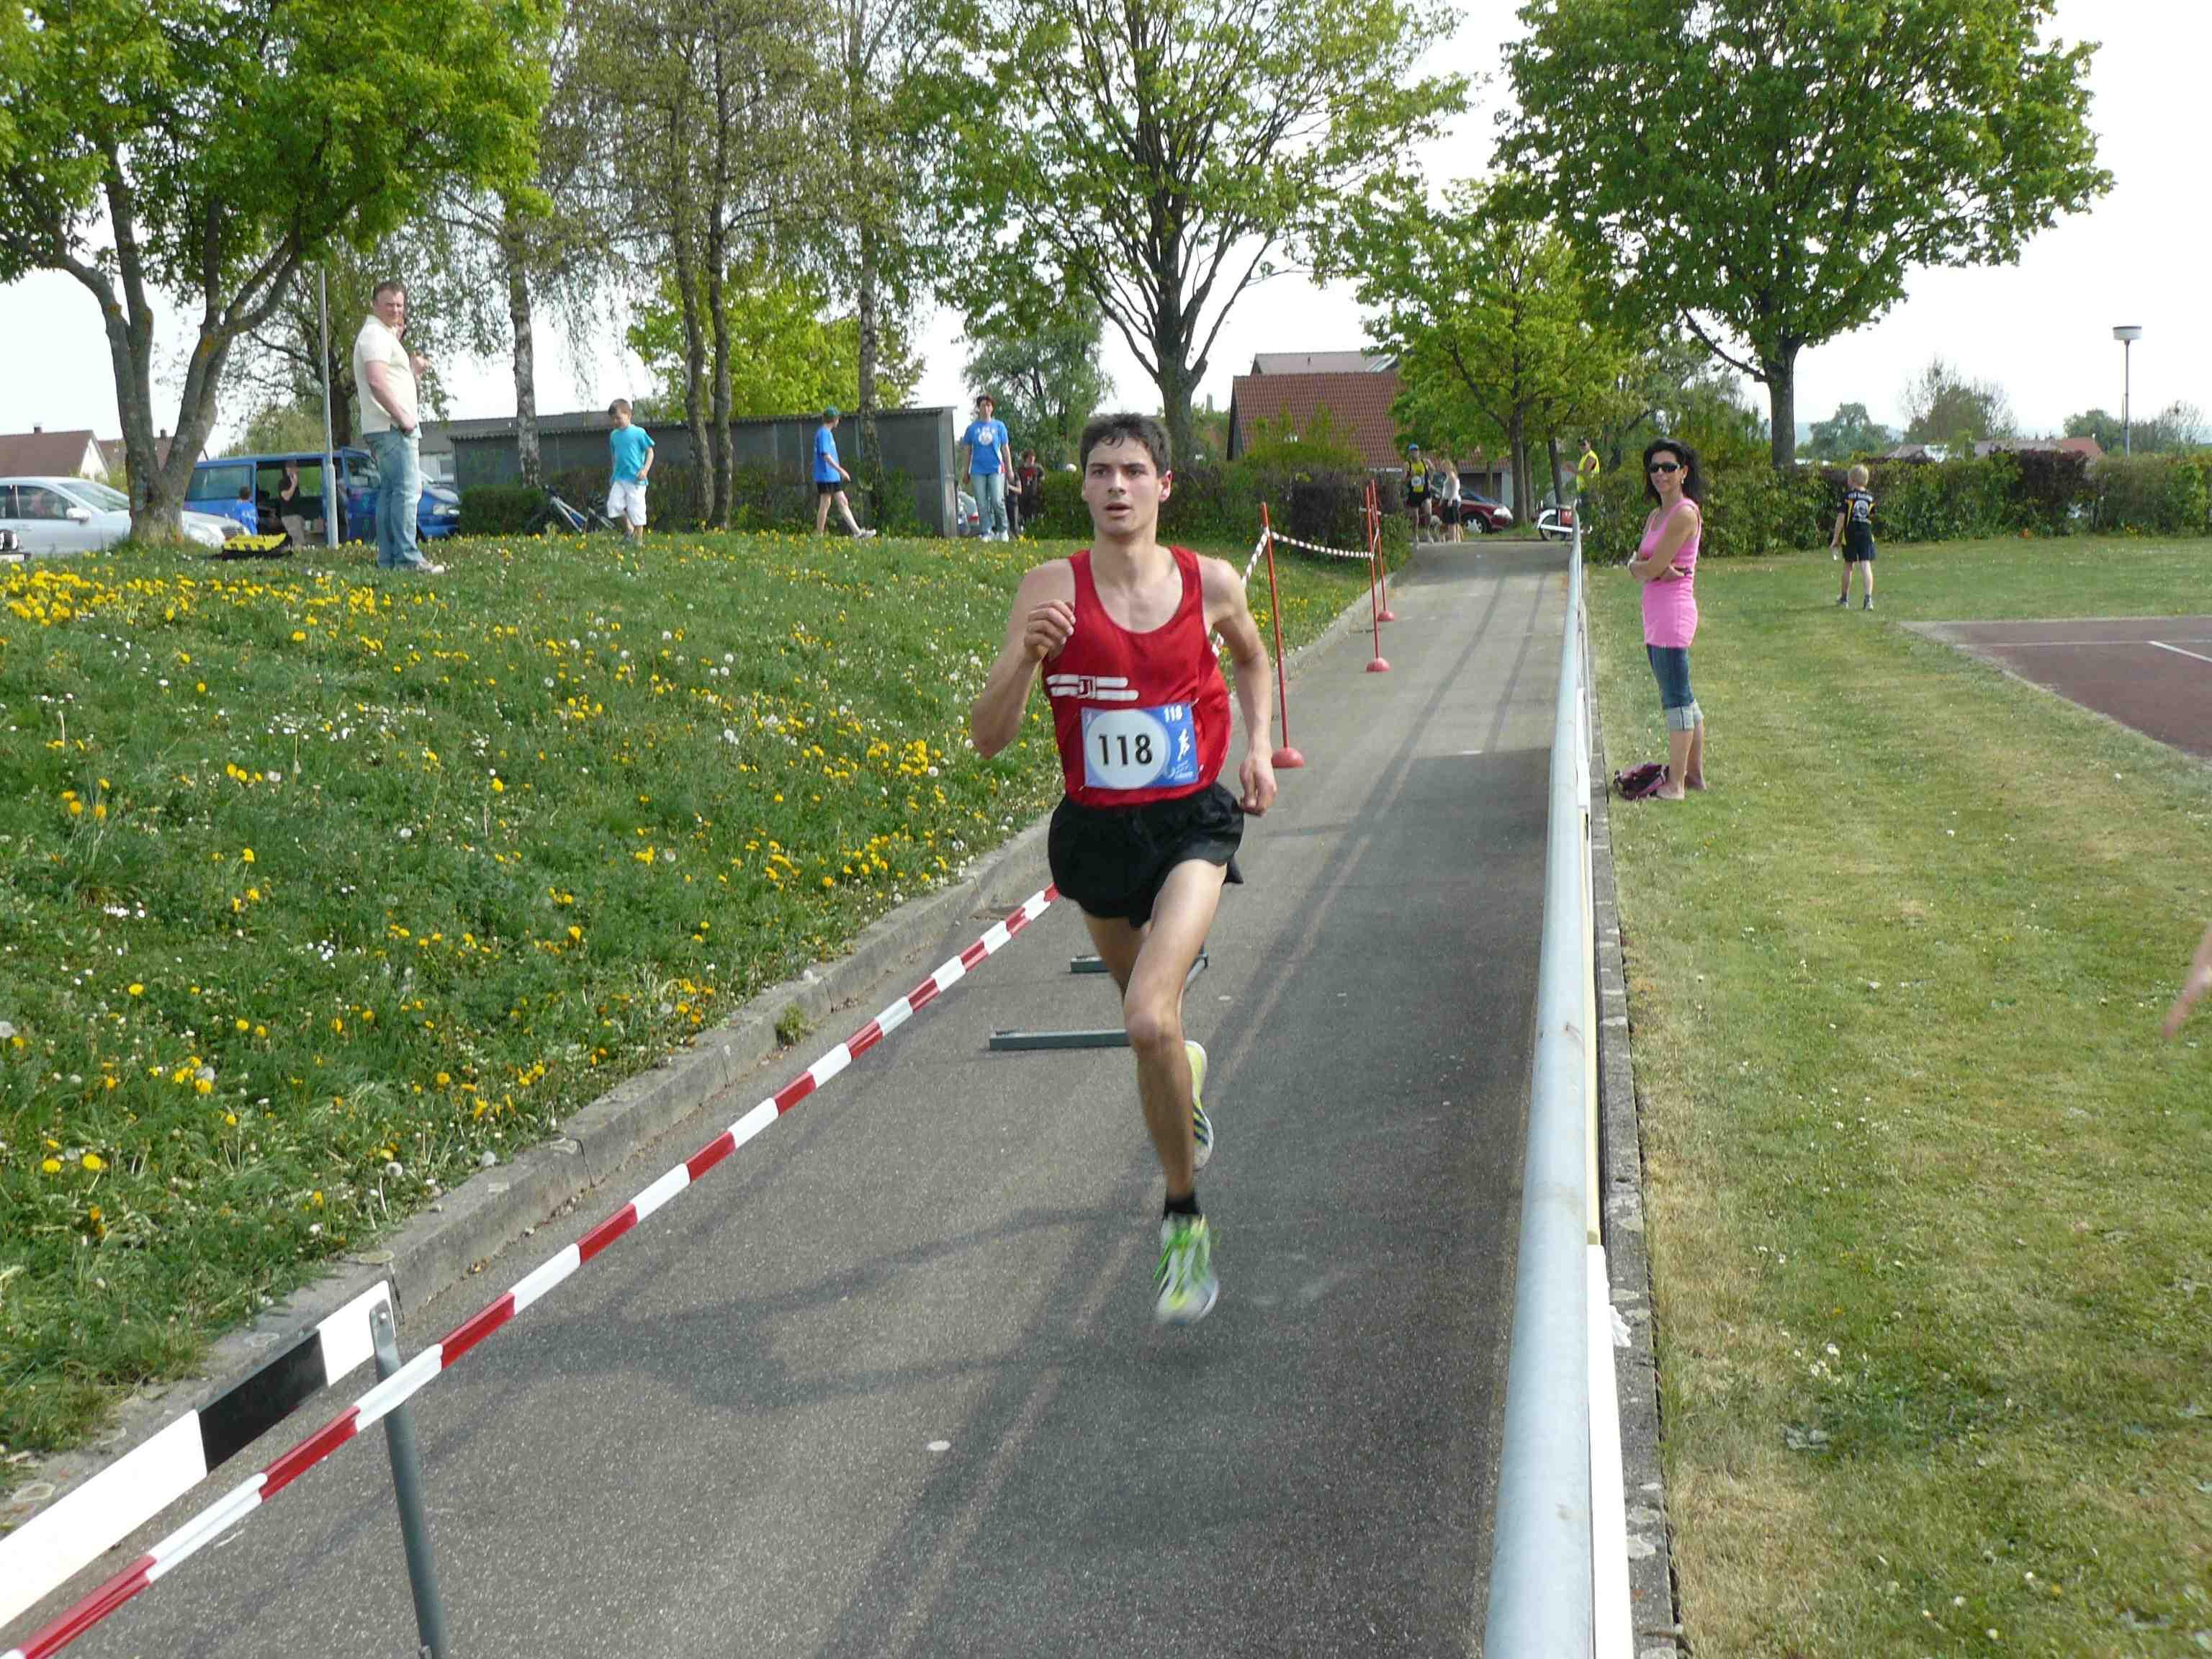 Dennis, 2. Platz in der Gesamtwertung